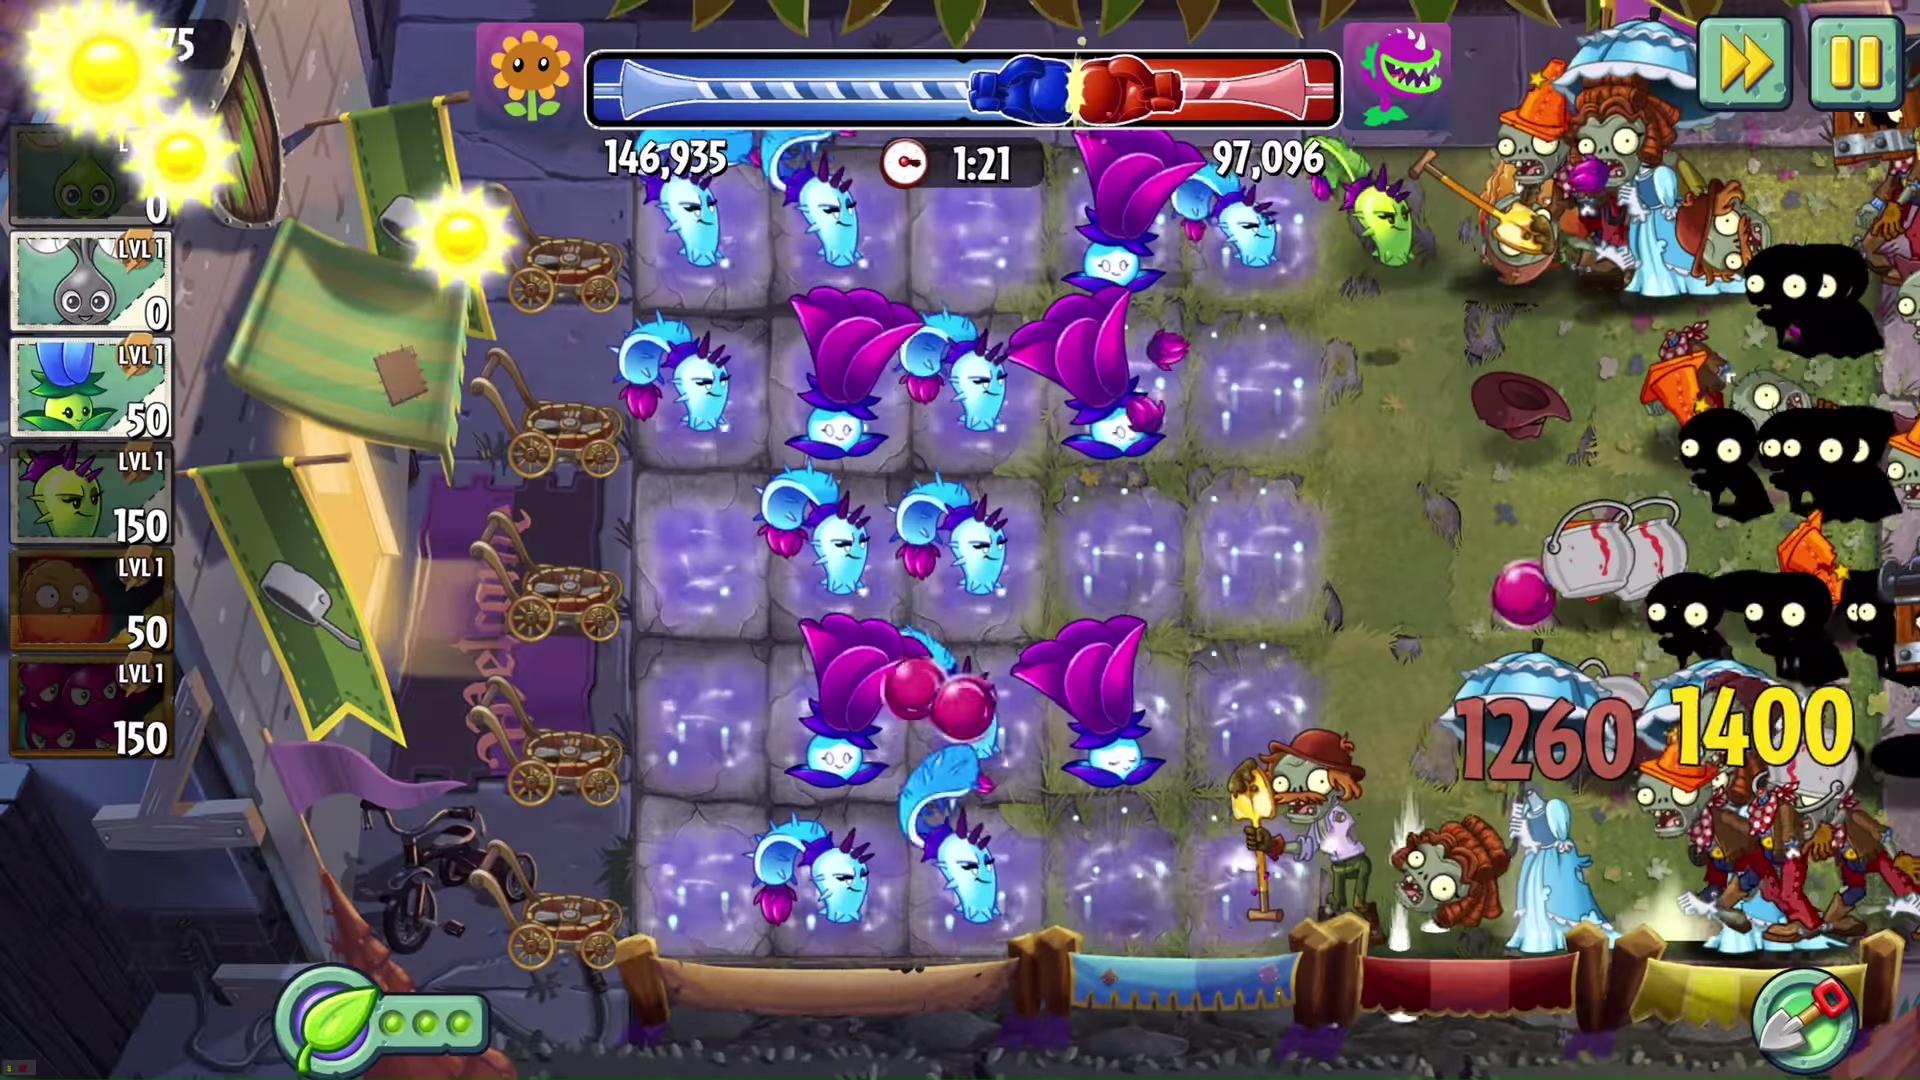 plants vs zombies 2 introduces pvp battlez shacknews